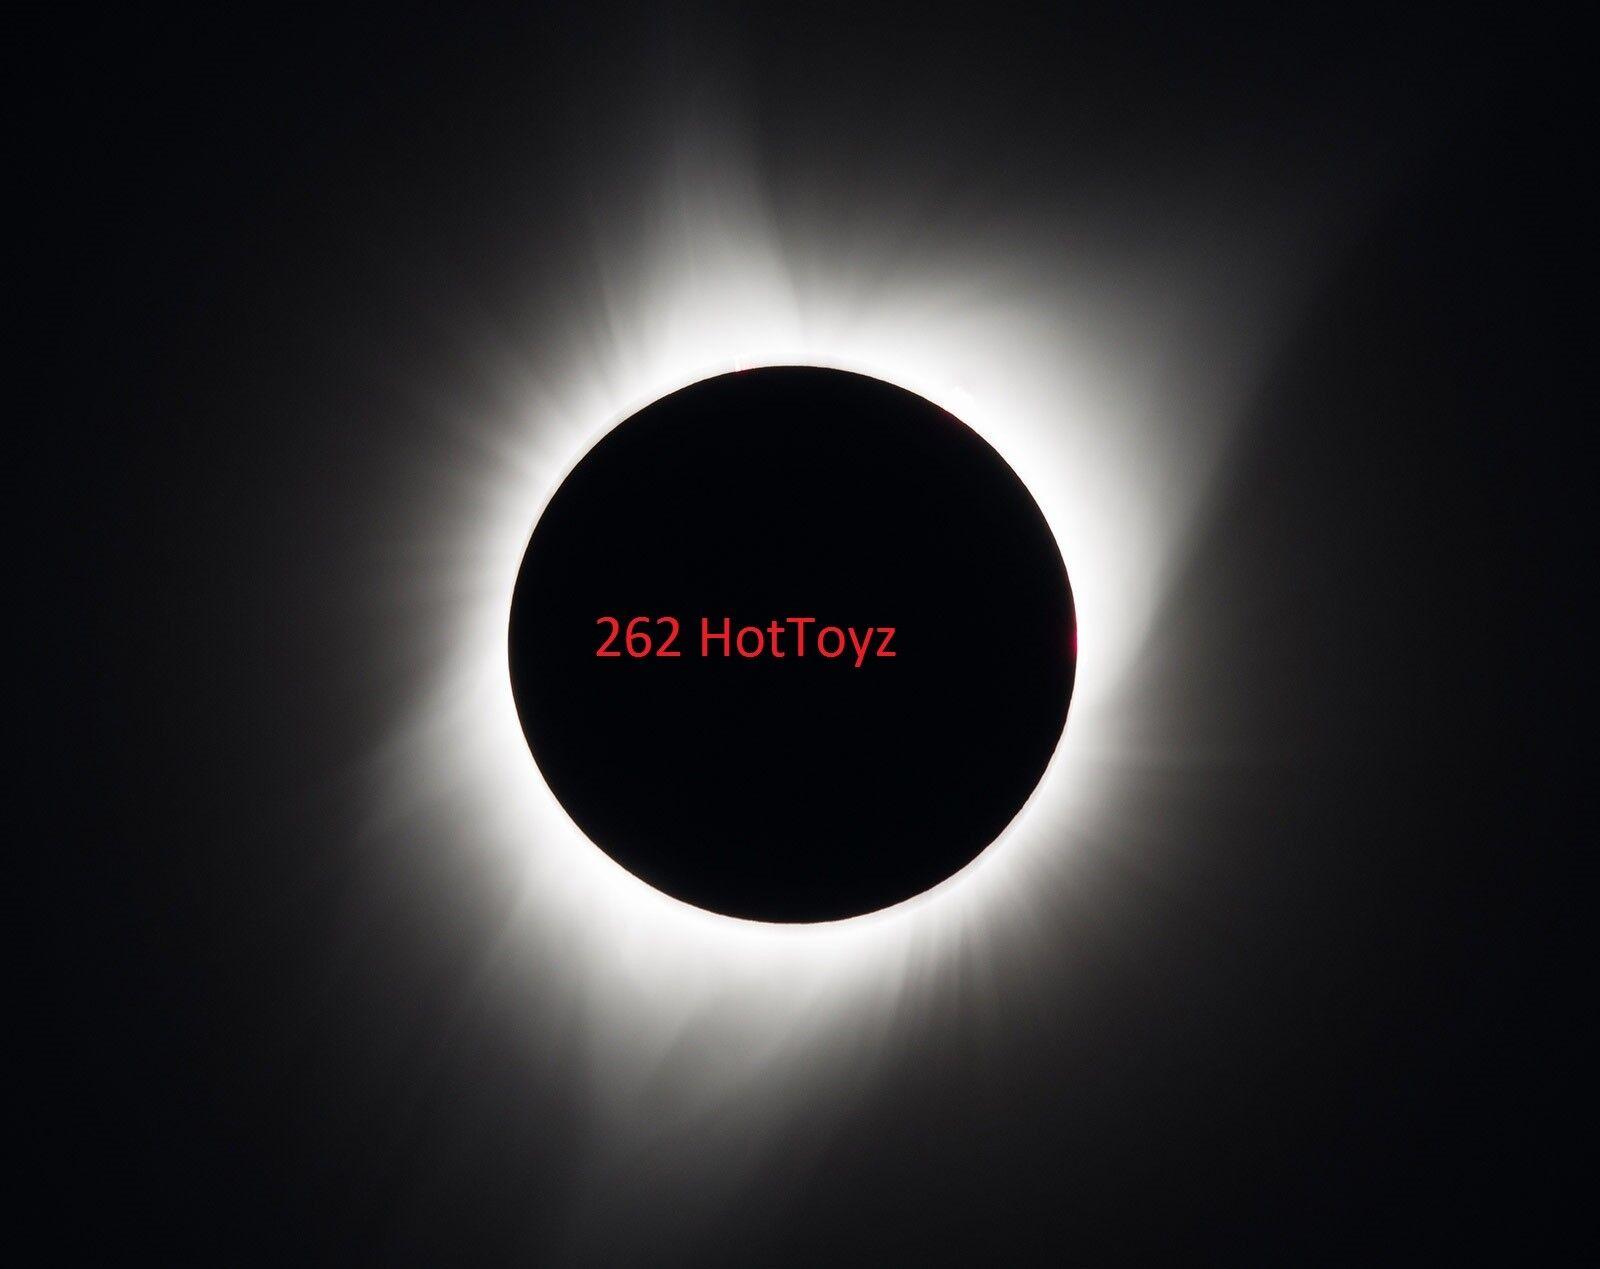 262HotToyz